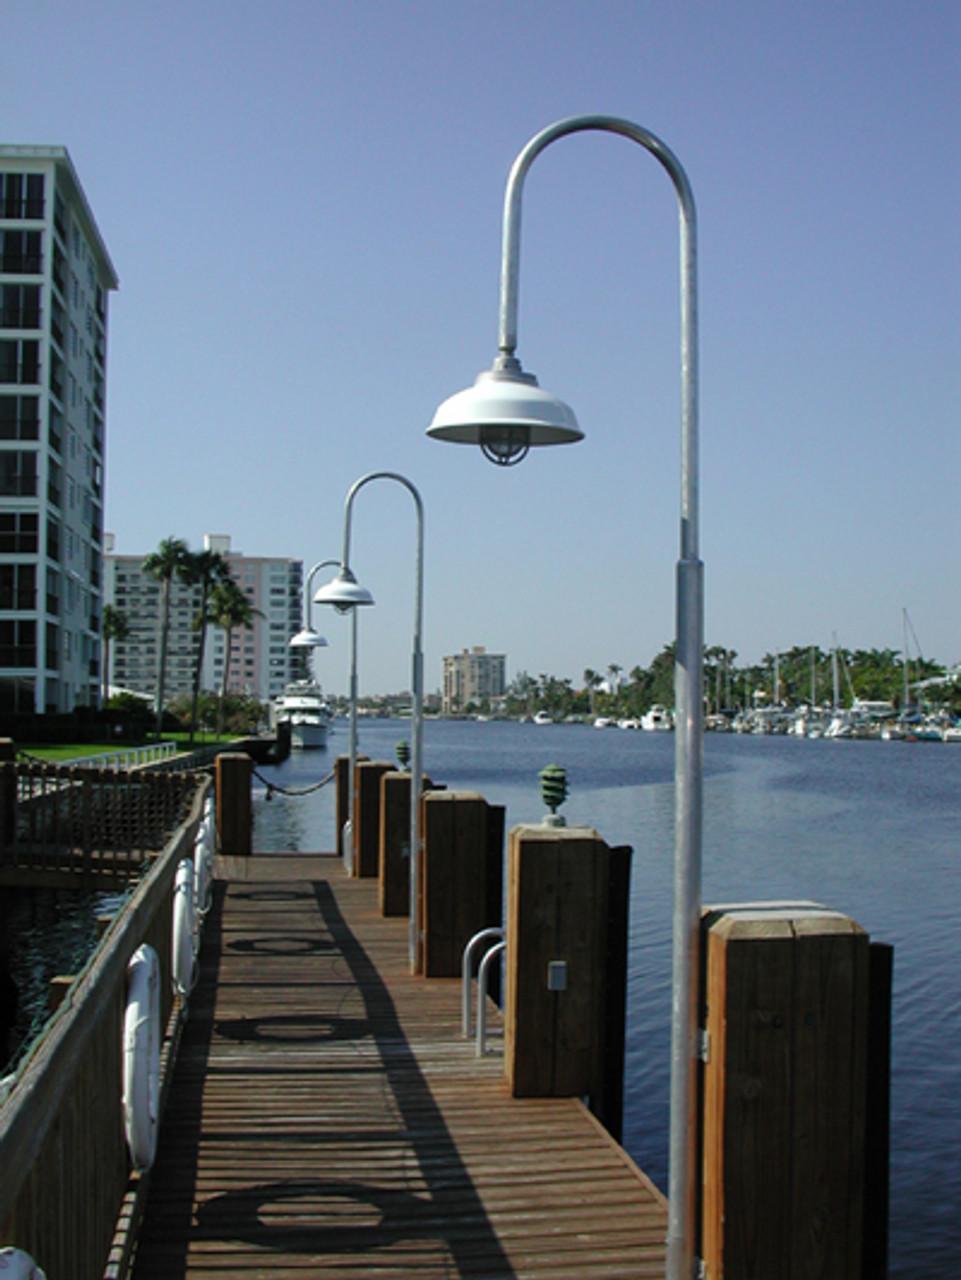 Aluminum  Nautical  Dock Piling Light